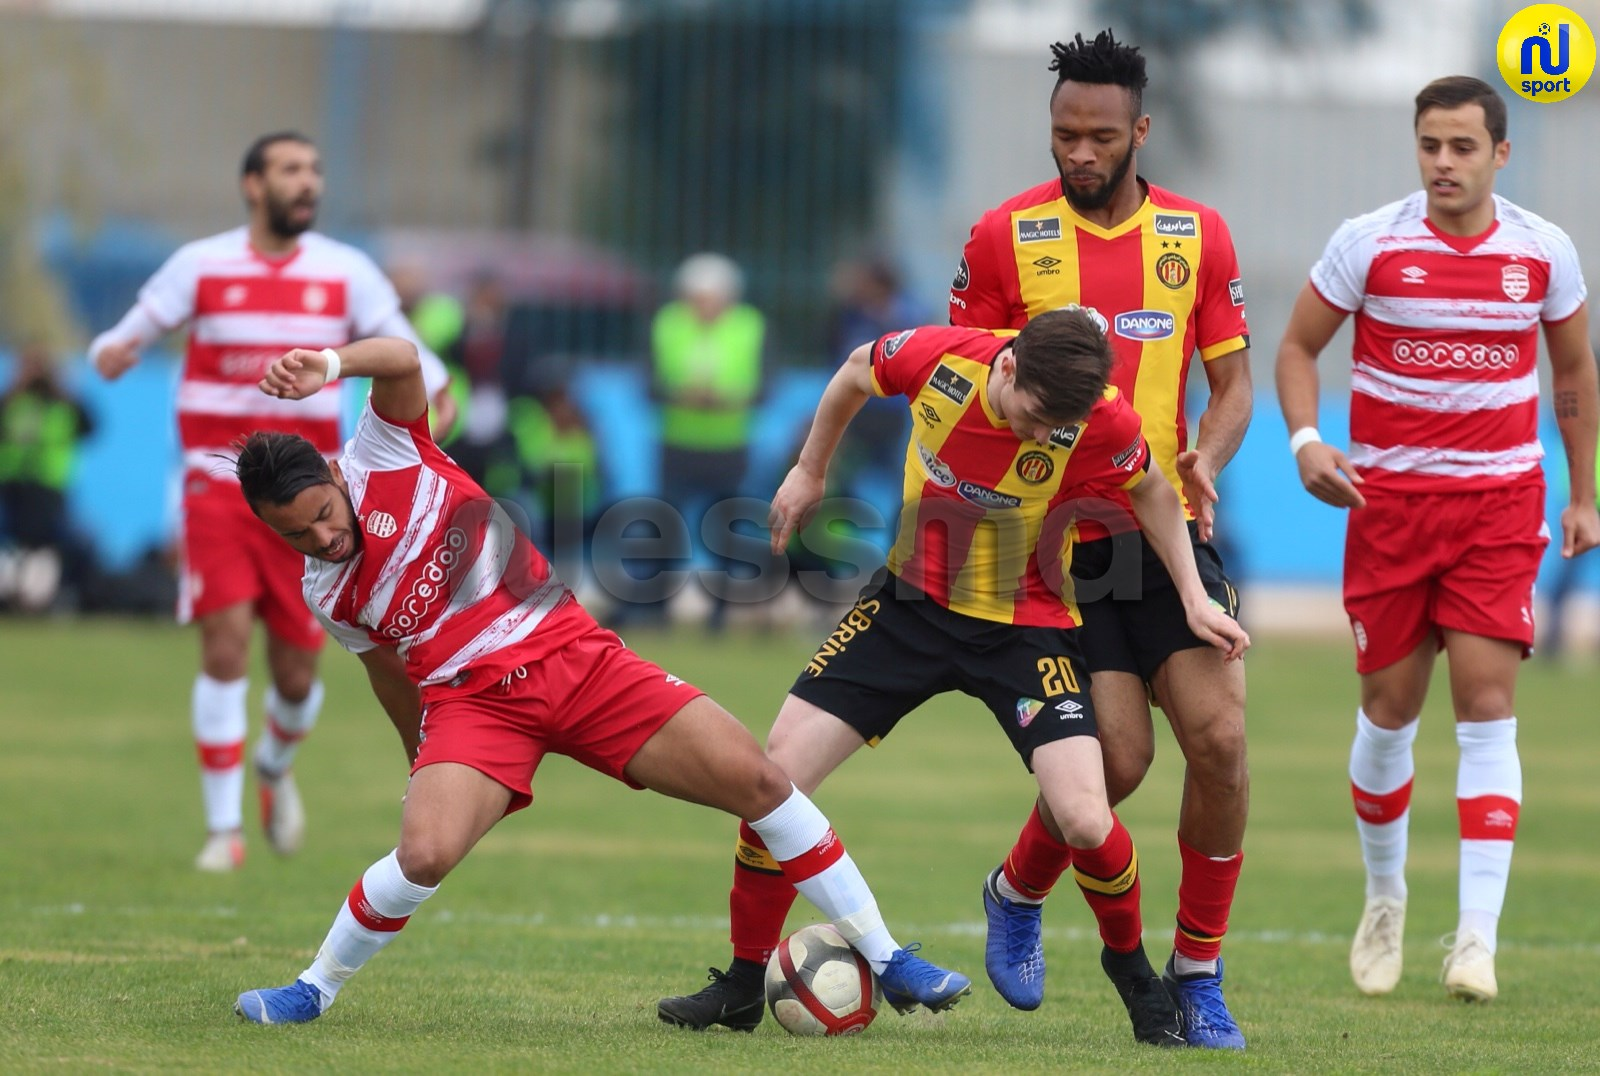 صور الشوط الأول من مباراة الترجي الرياضي التونسي و النادي الإفريقي